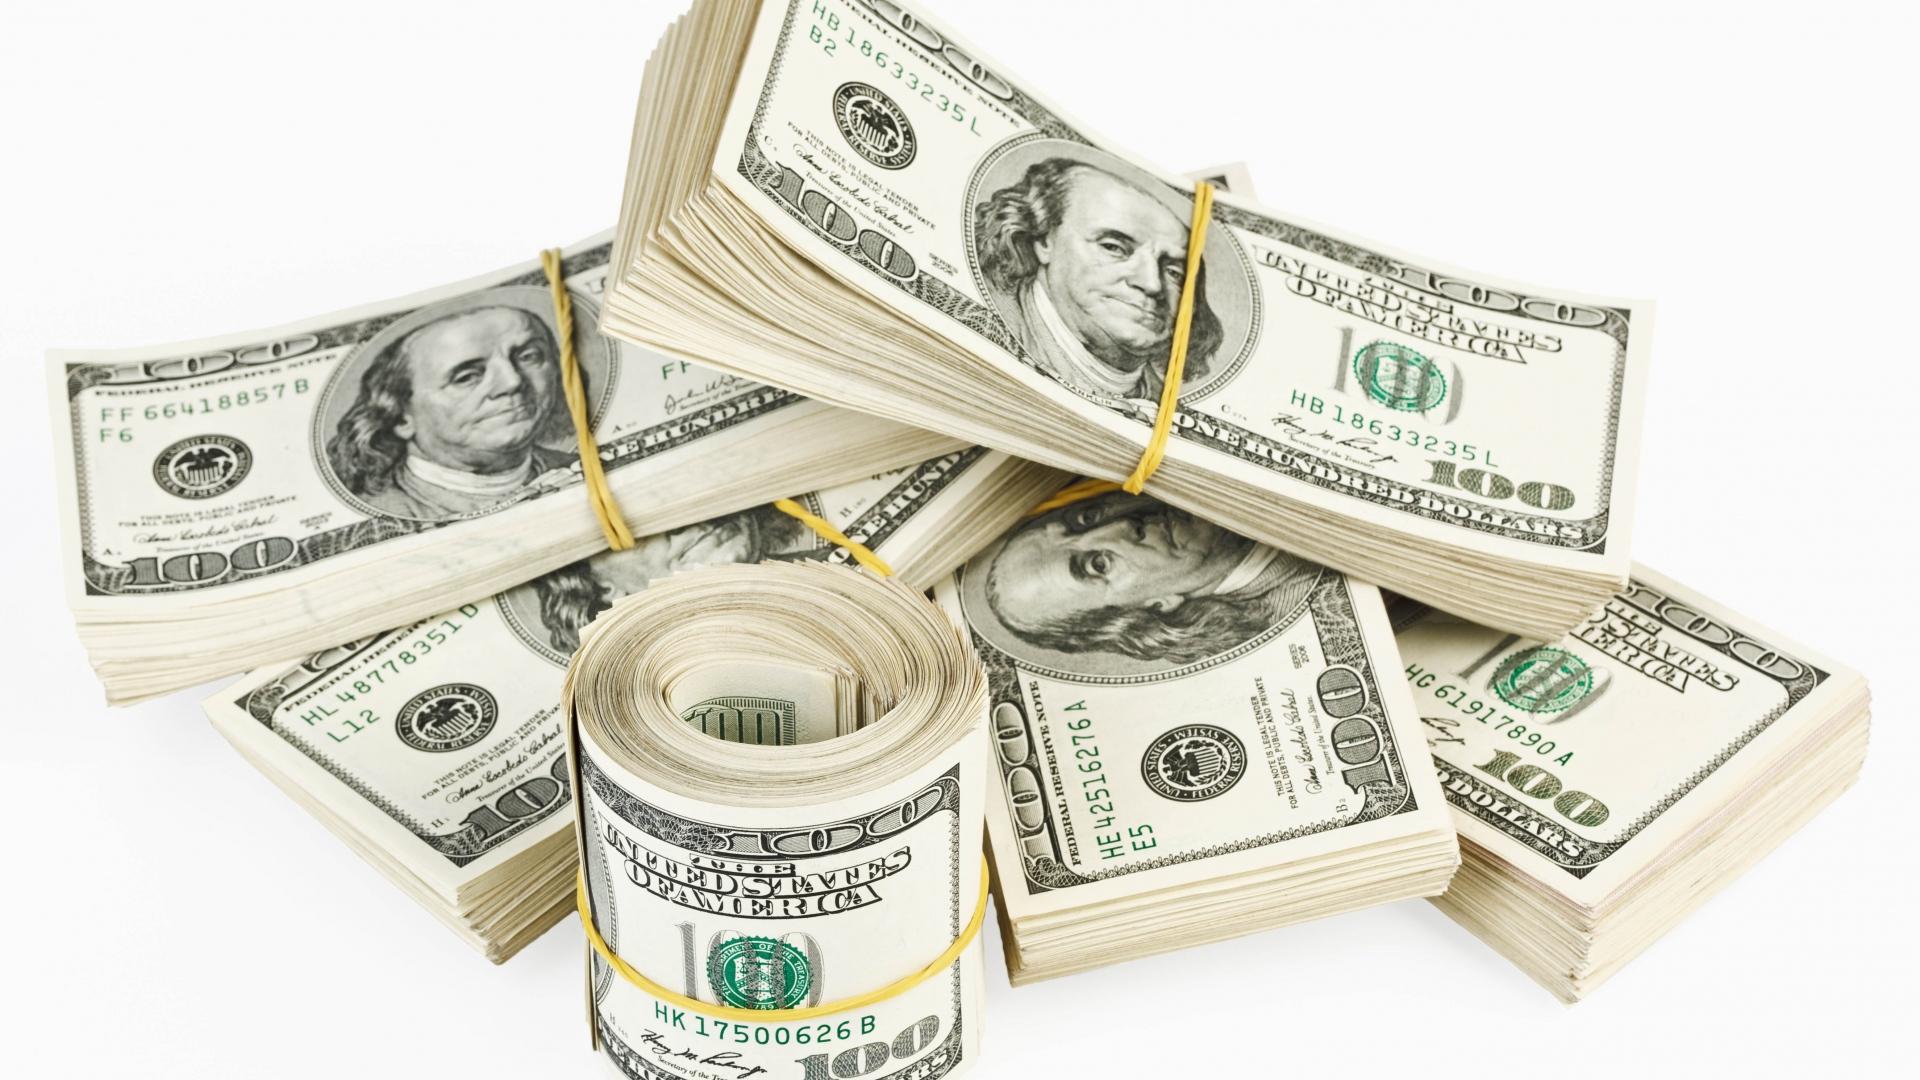 Որպես Հայաստանի քաղաքացի` յուրաքանչյուրիս «պարտքը» կազմում է $1700